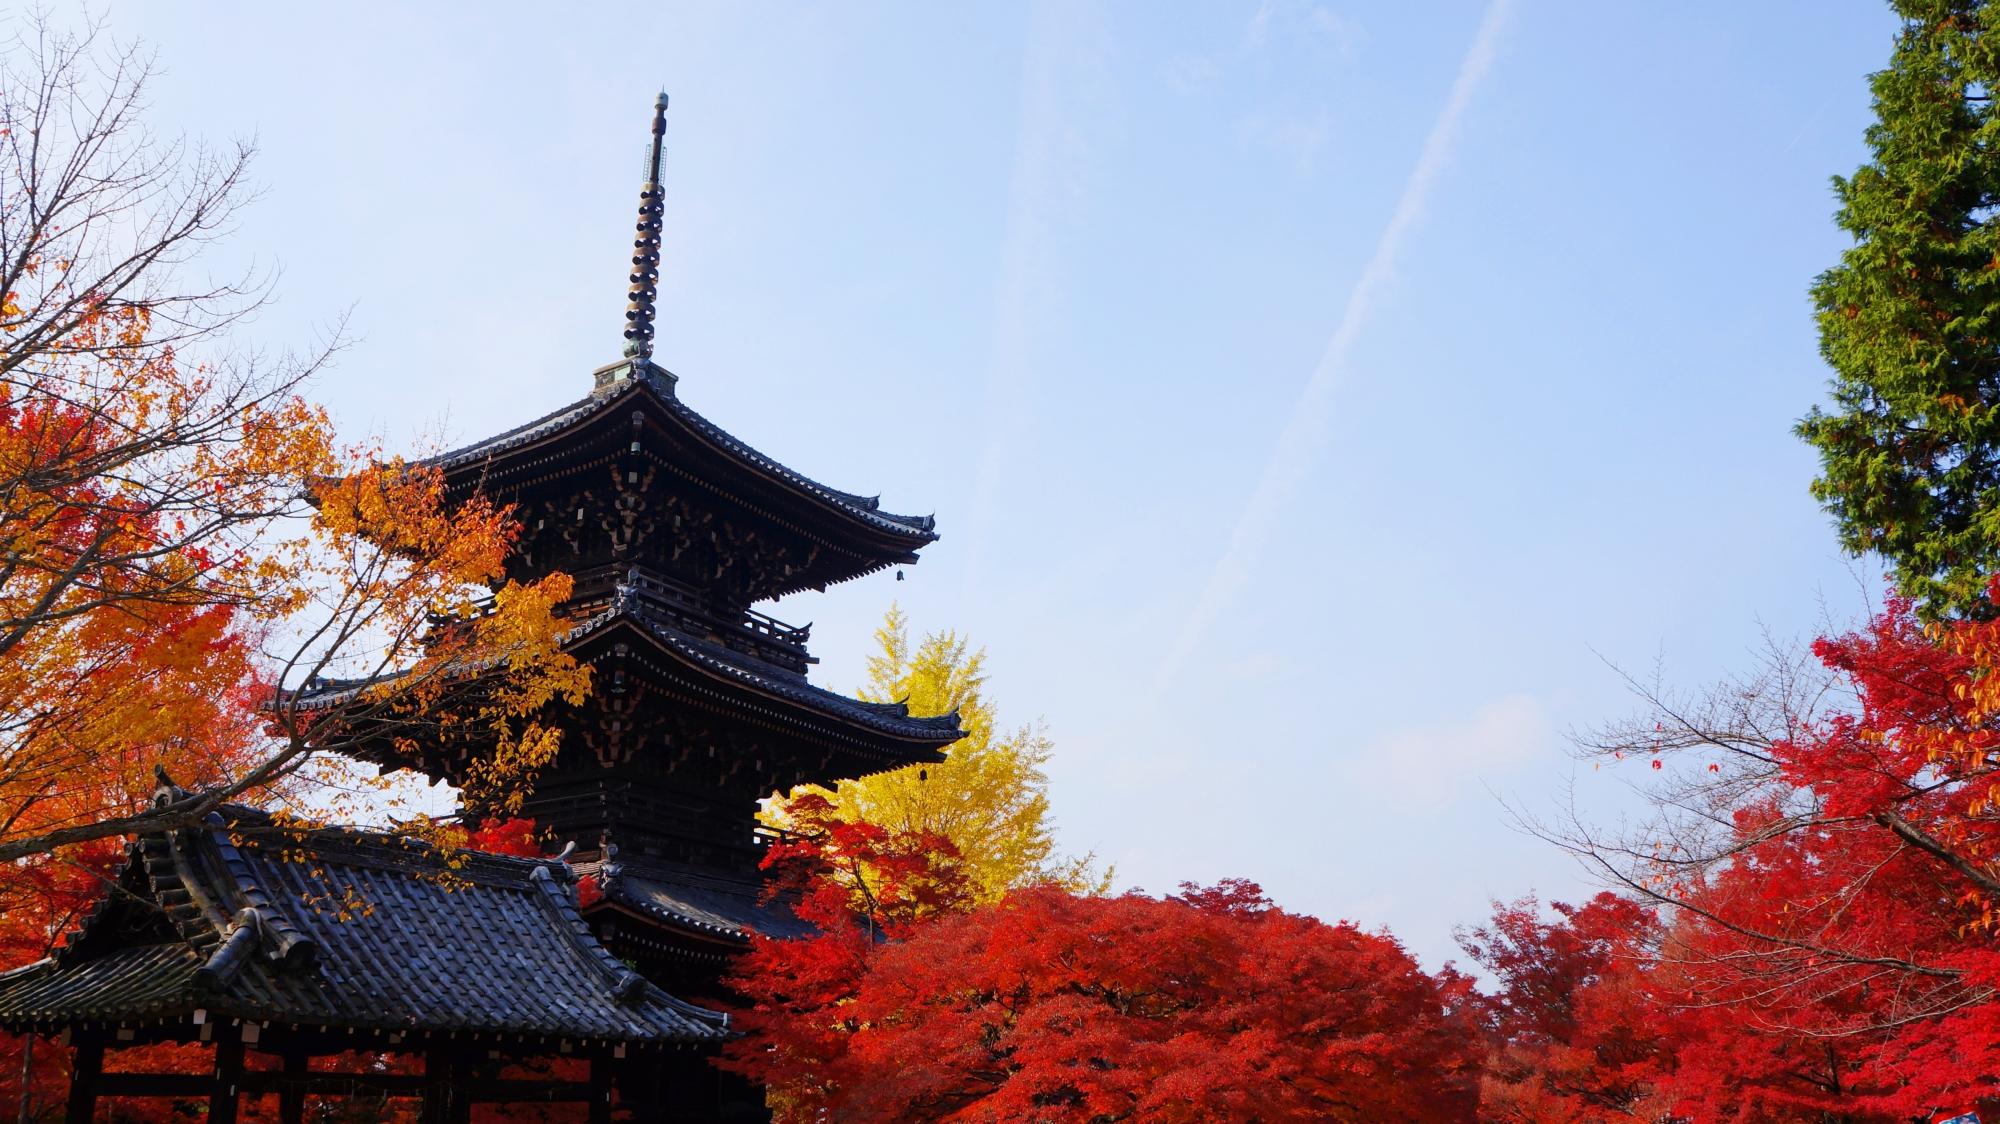 三重塔と燃えるような真っ赤な紅葉